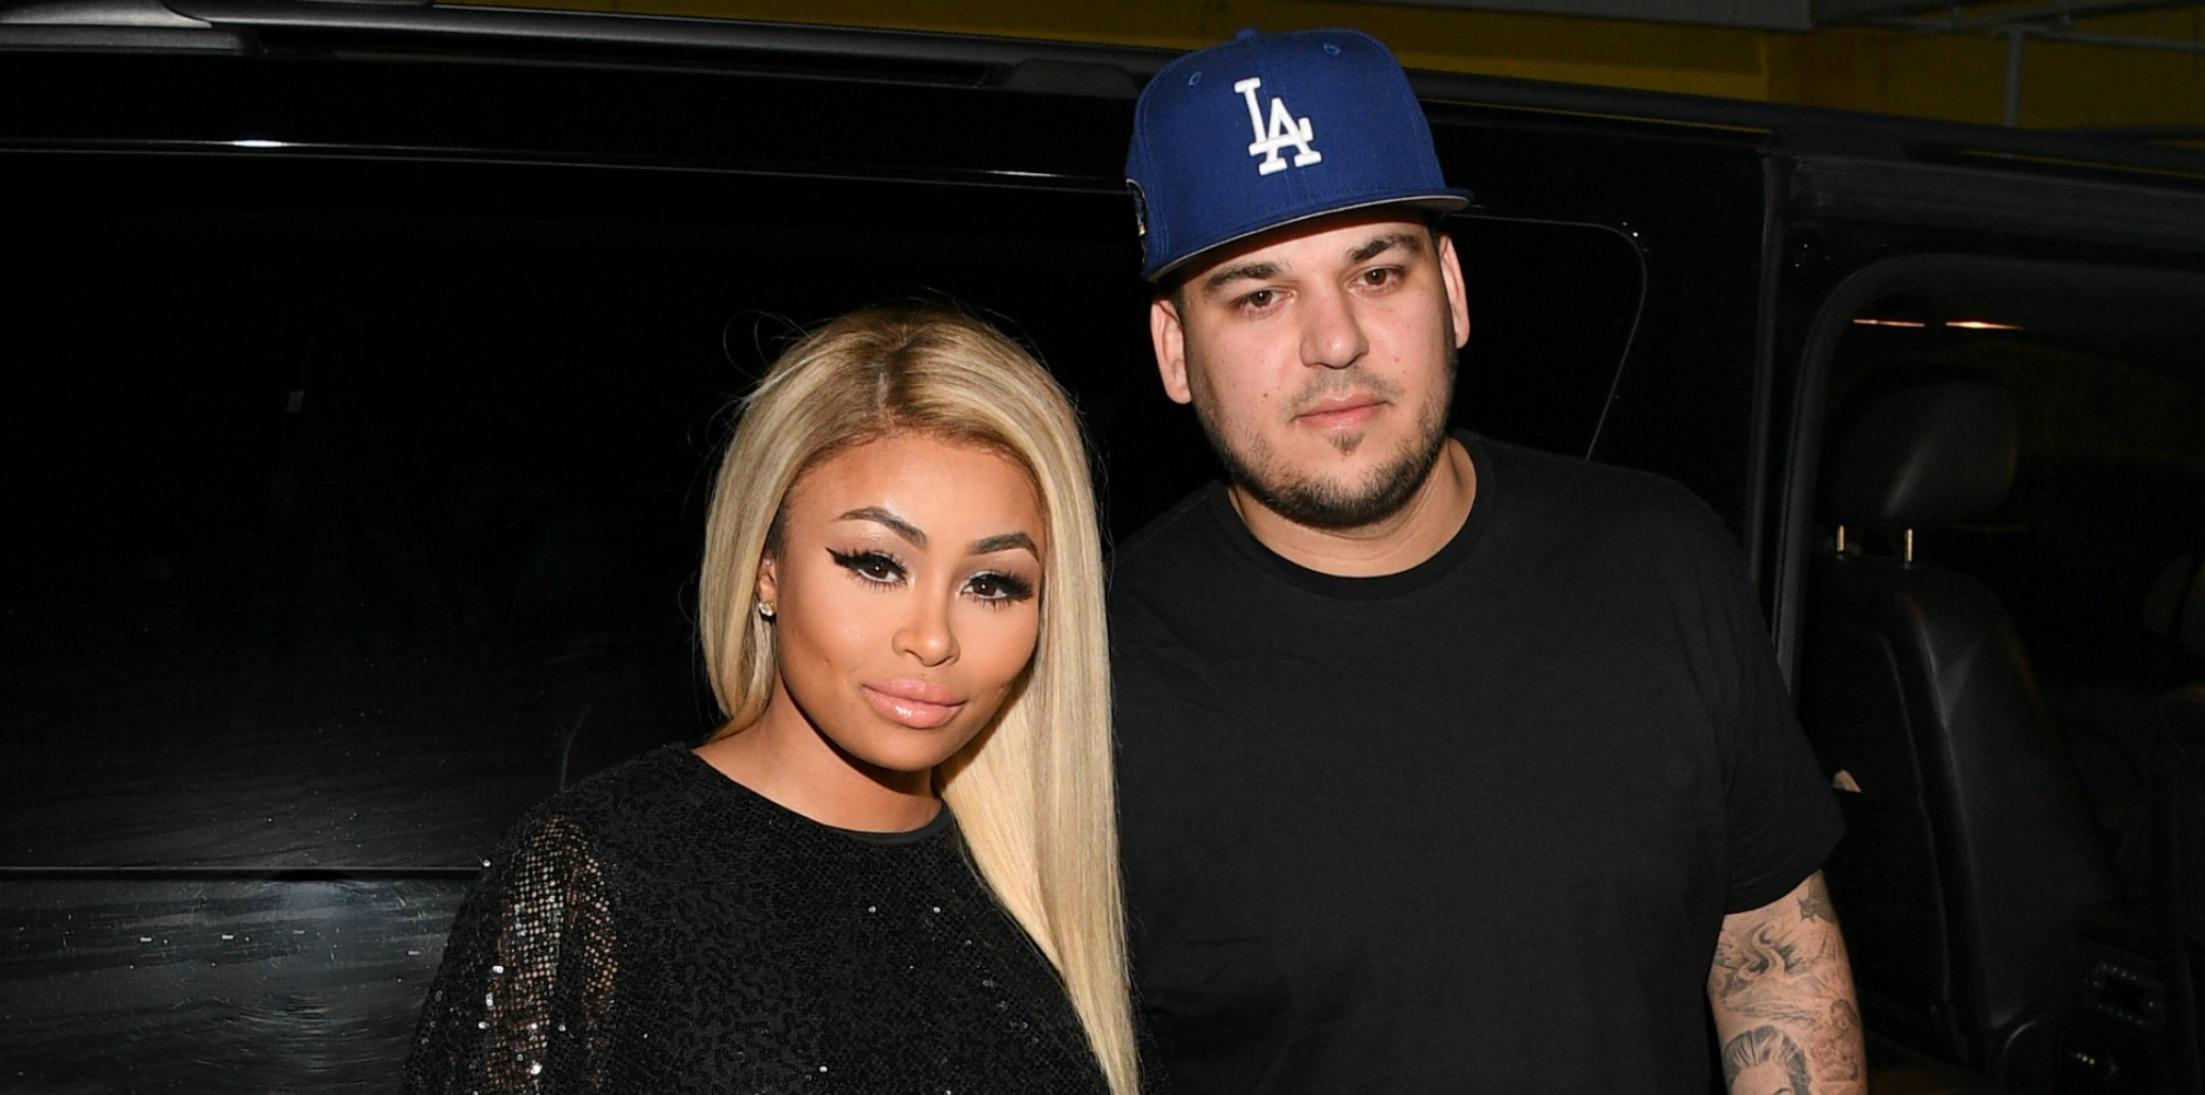 blac chyna rob Kardashian custody agreement dream long